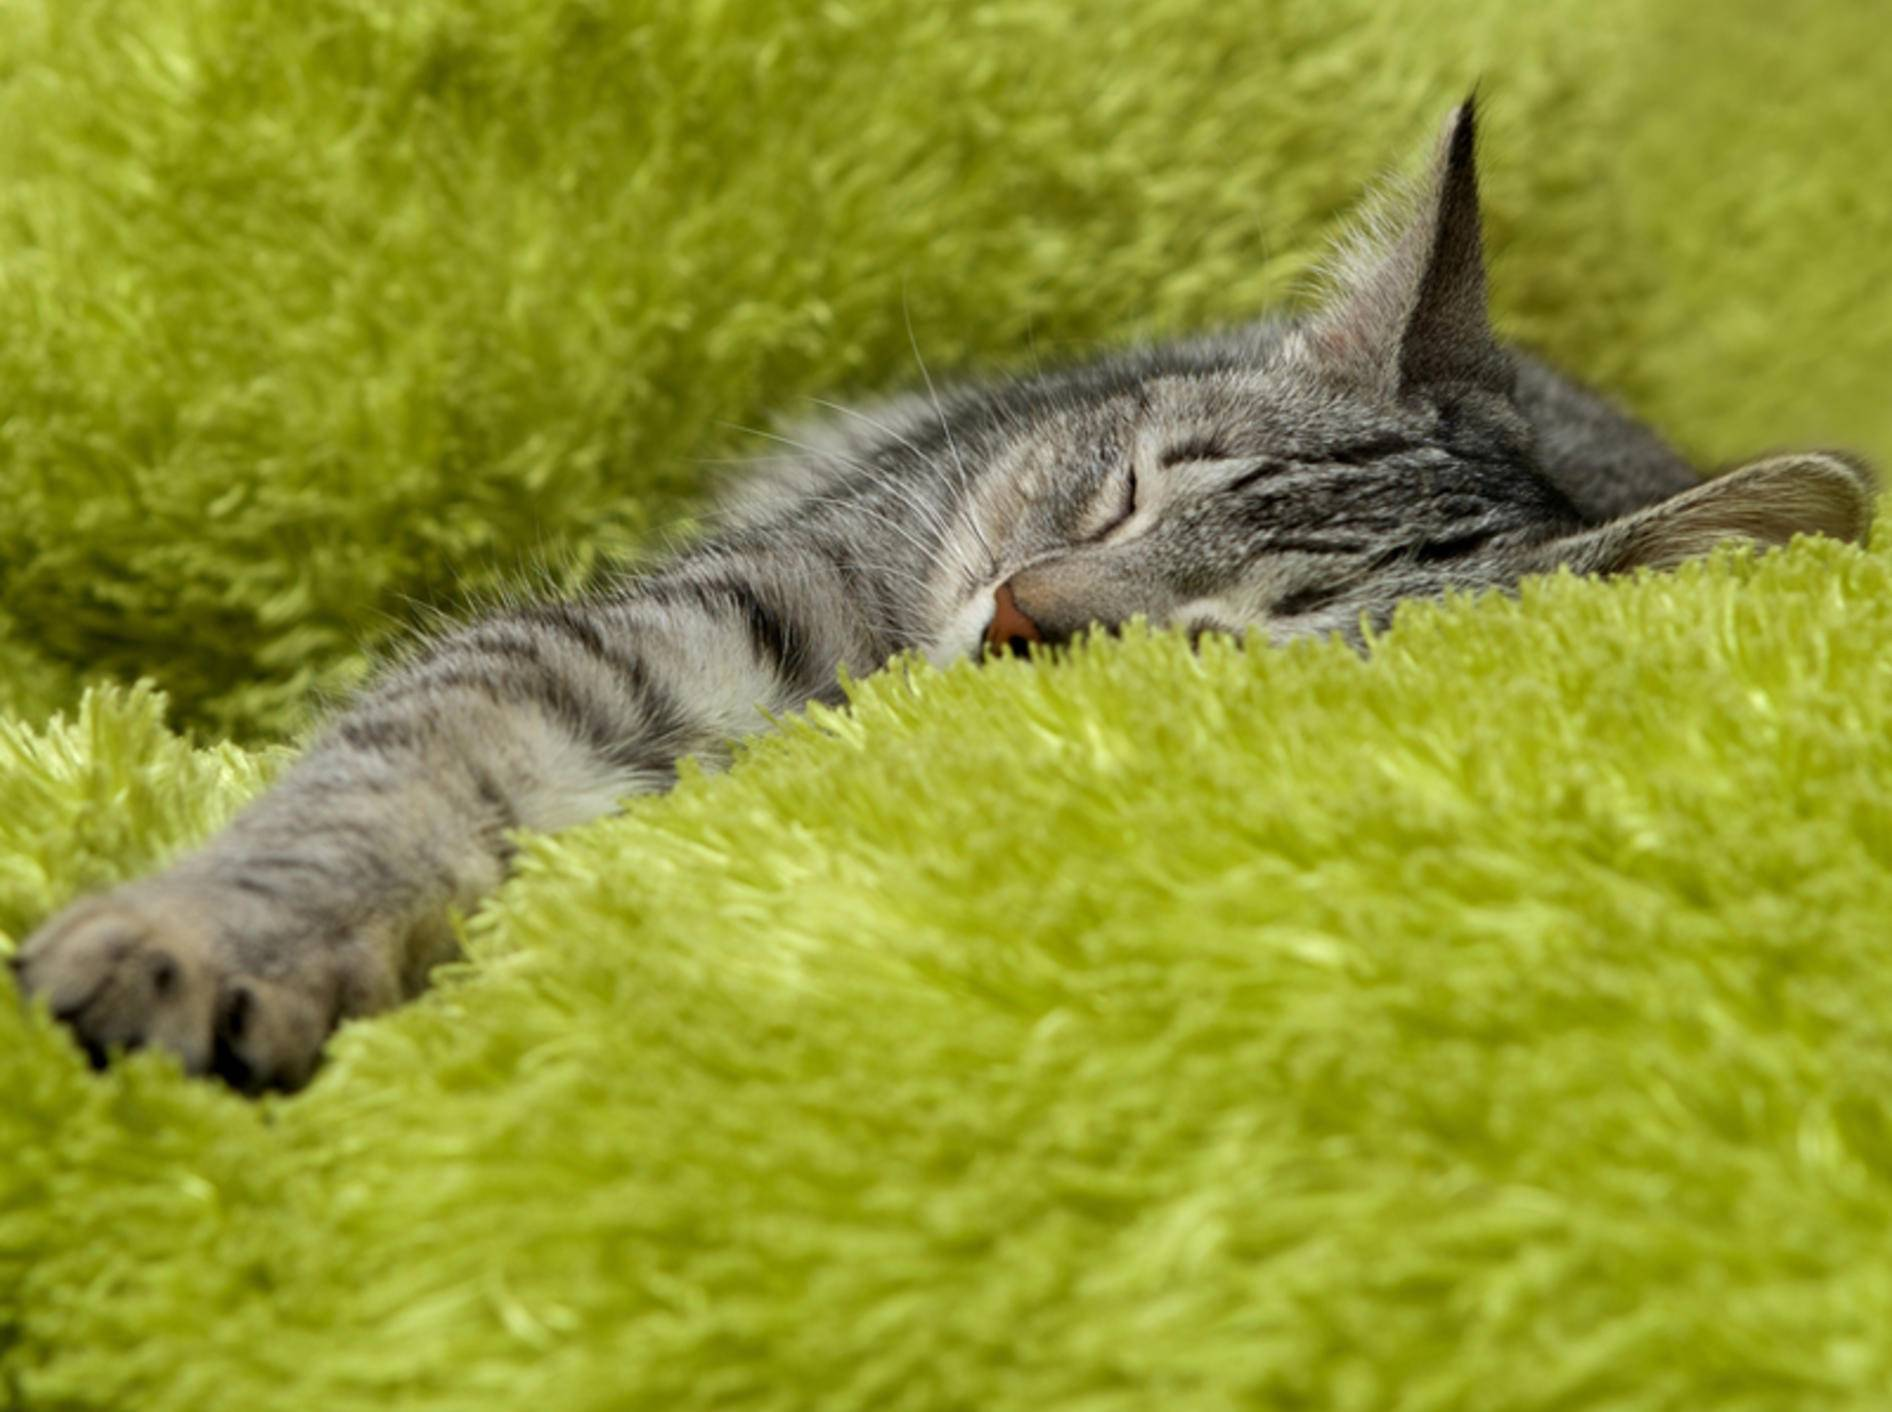 Wie lässt sich bei einer Katze Fieber messen? – Bild: Shutterstock / Renata Apanaviciene